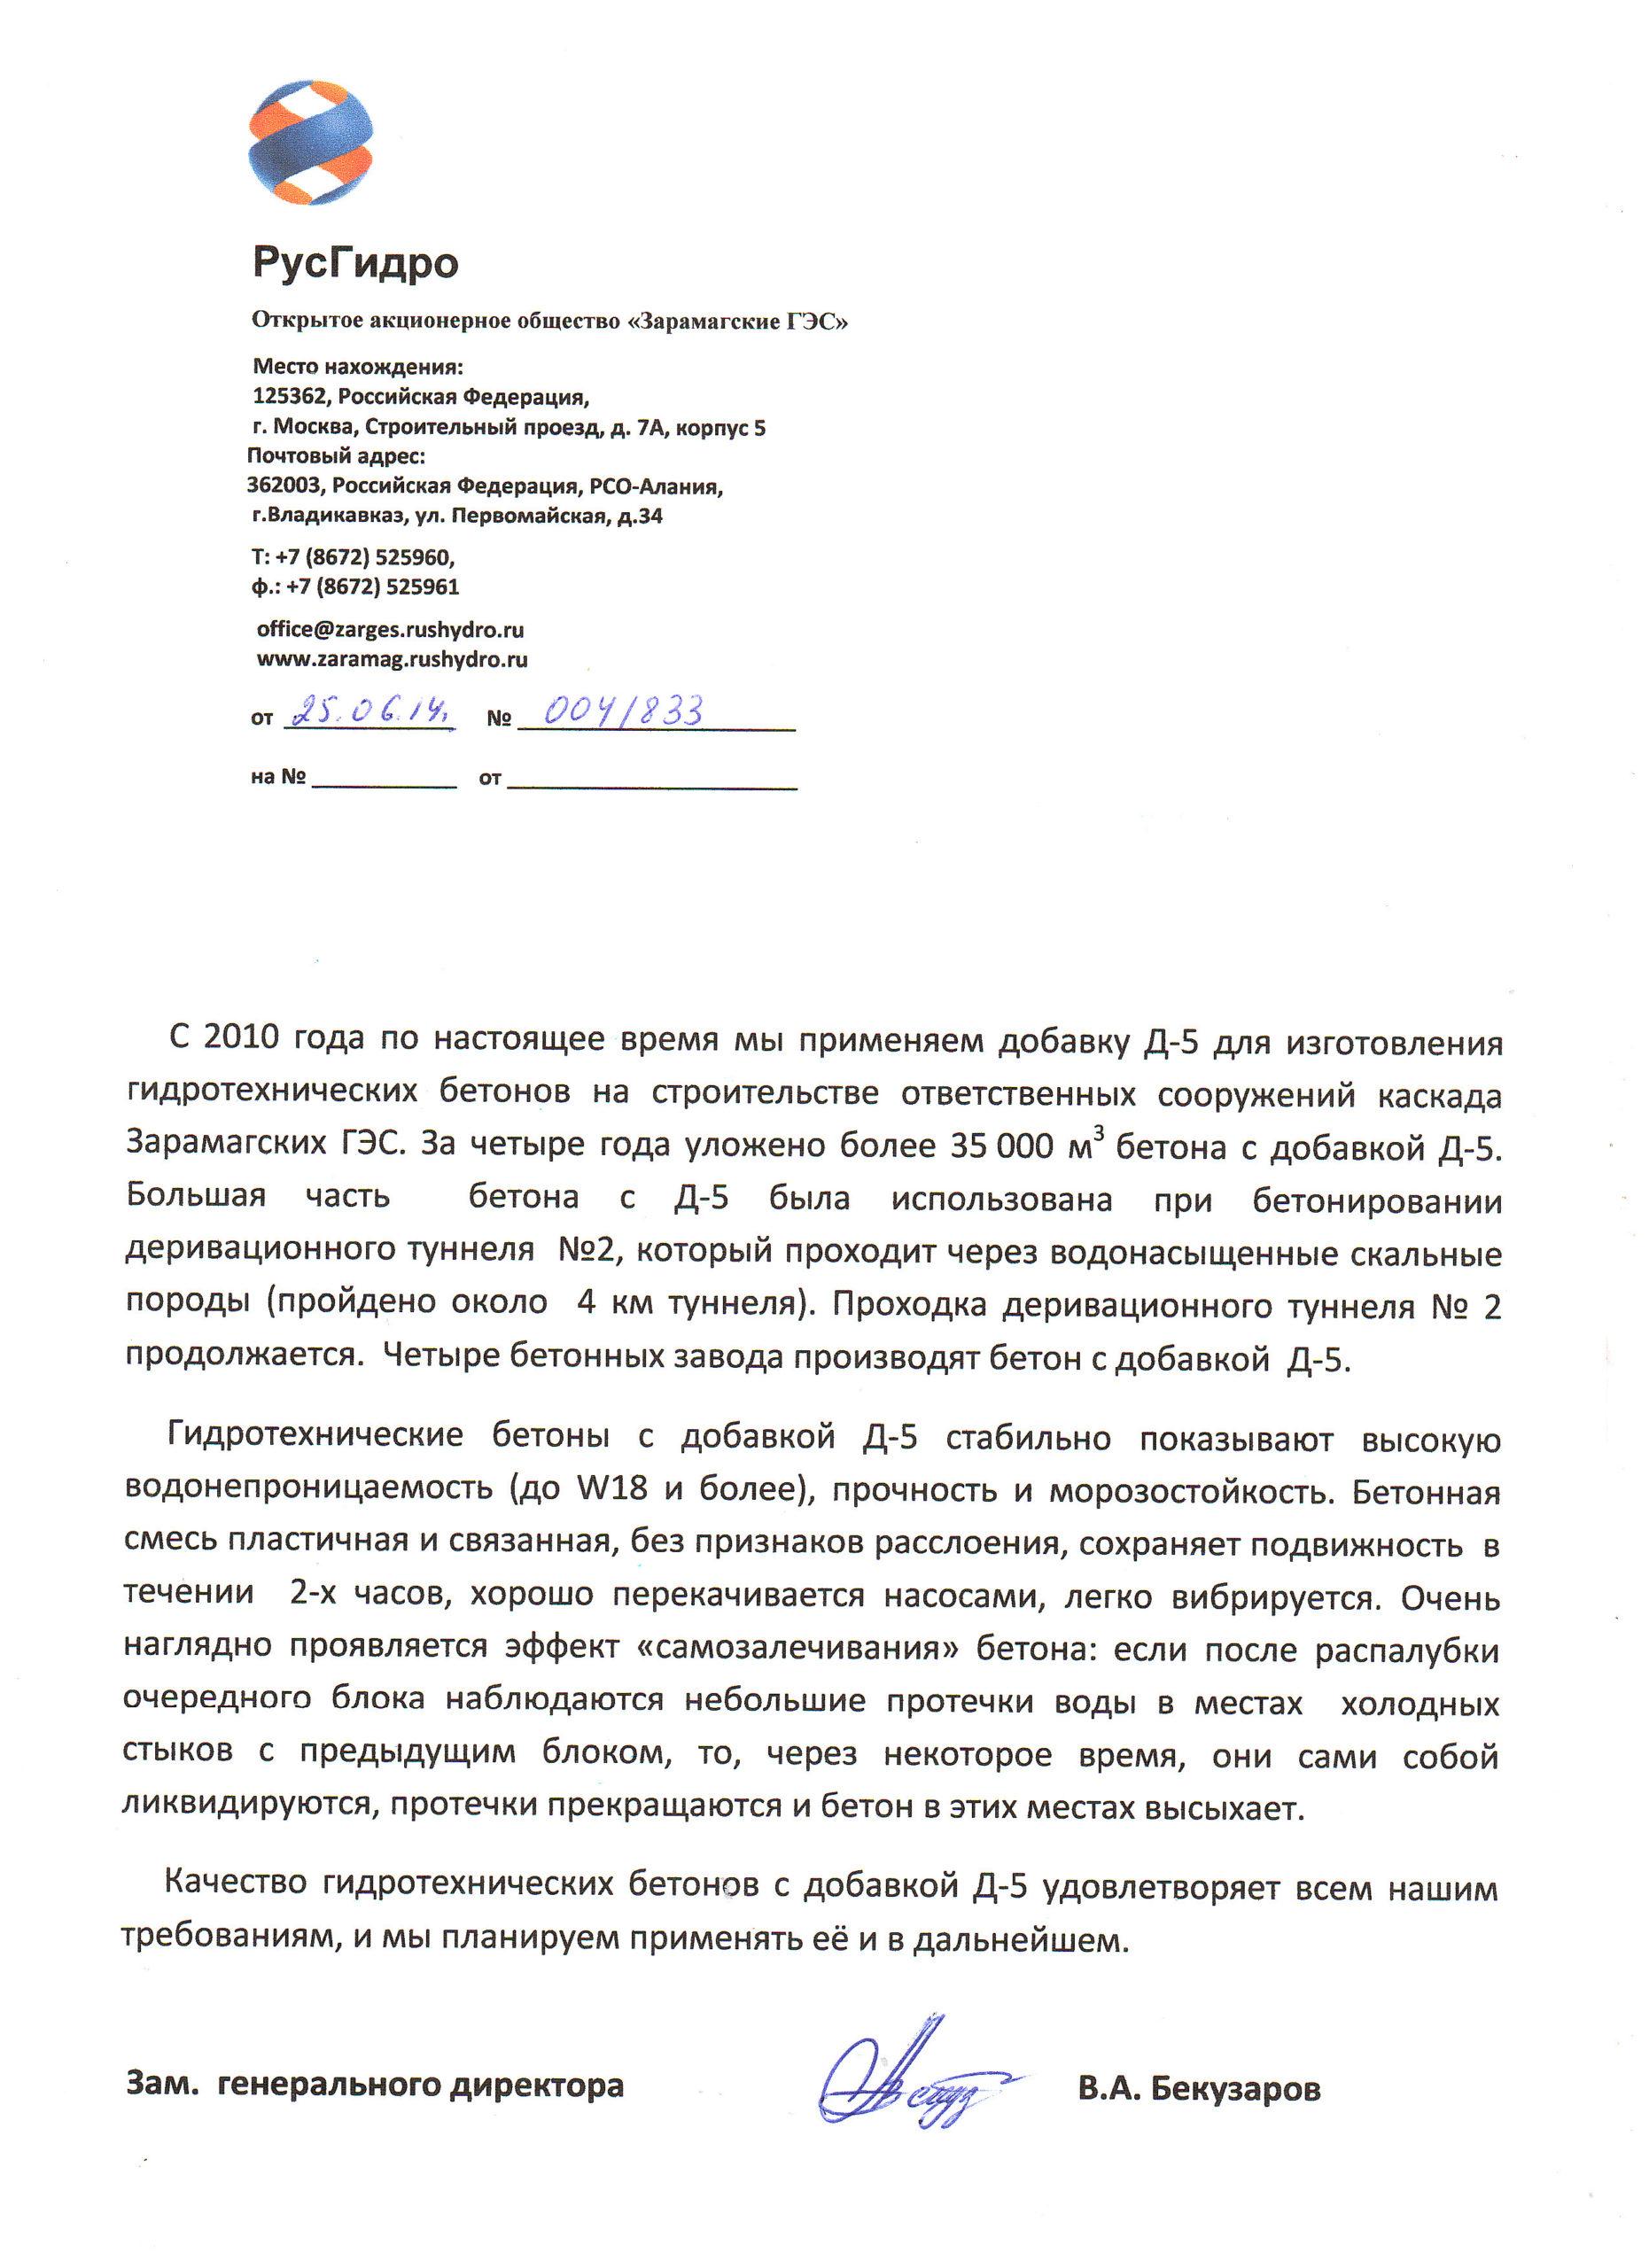 ОАО «Зарамагские ГЭС»